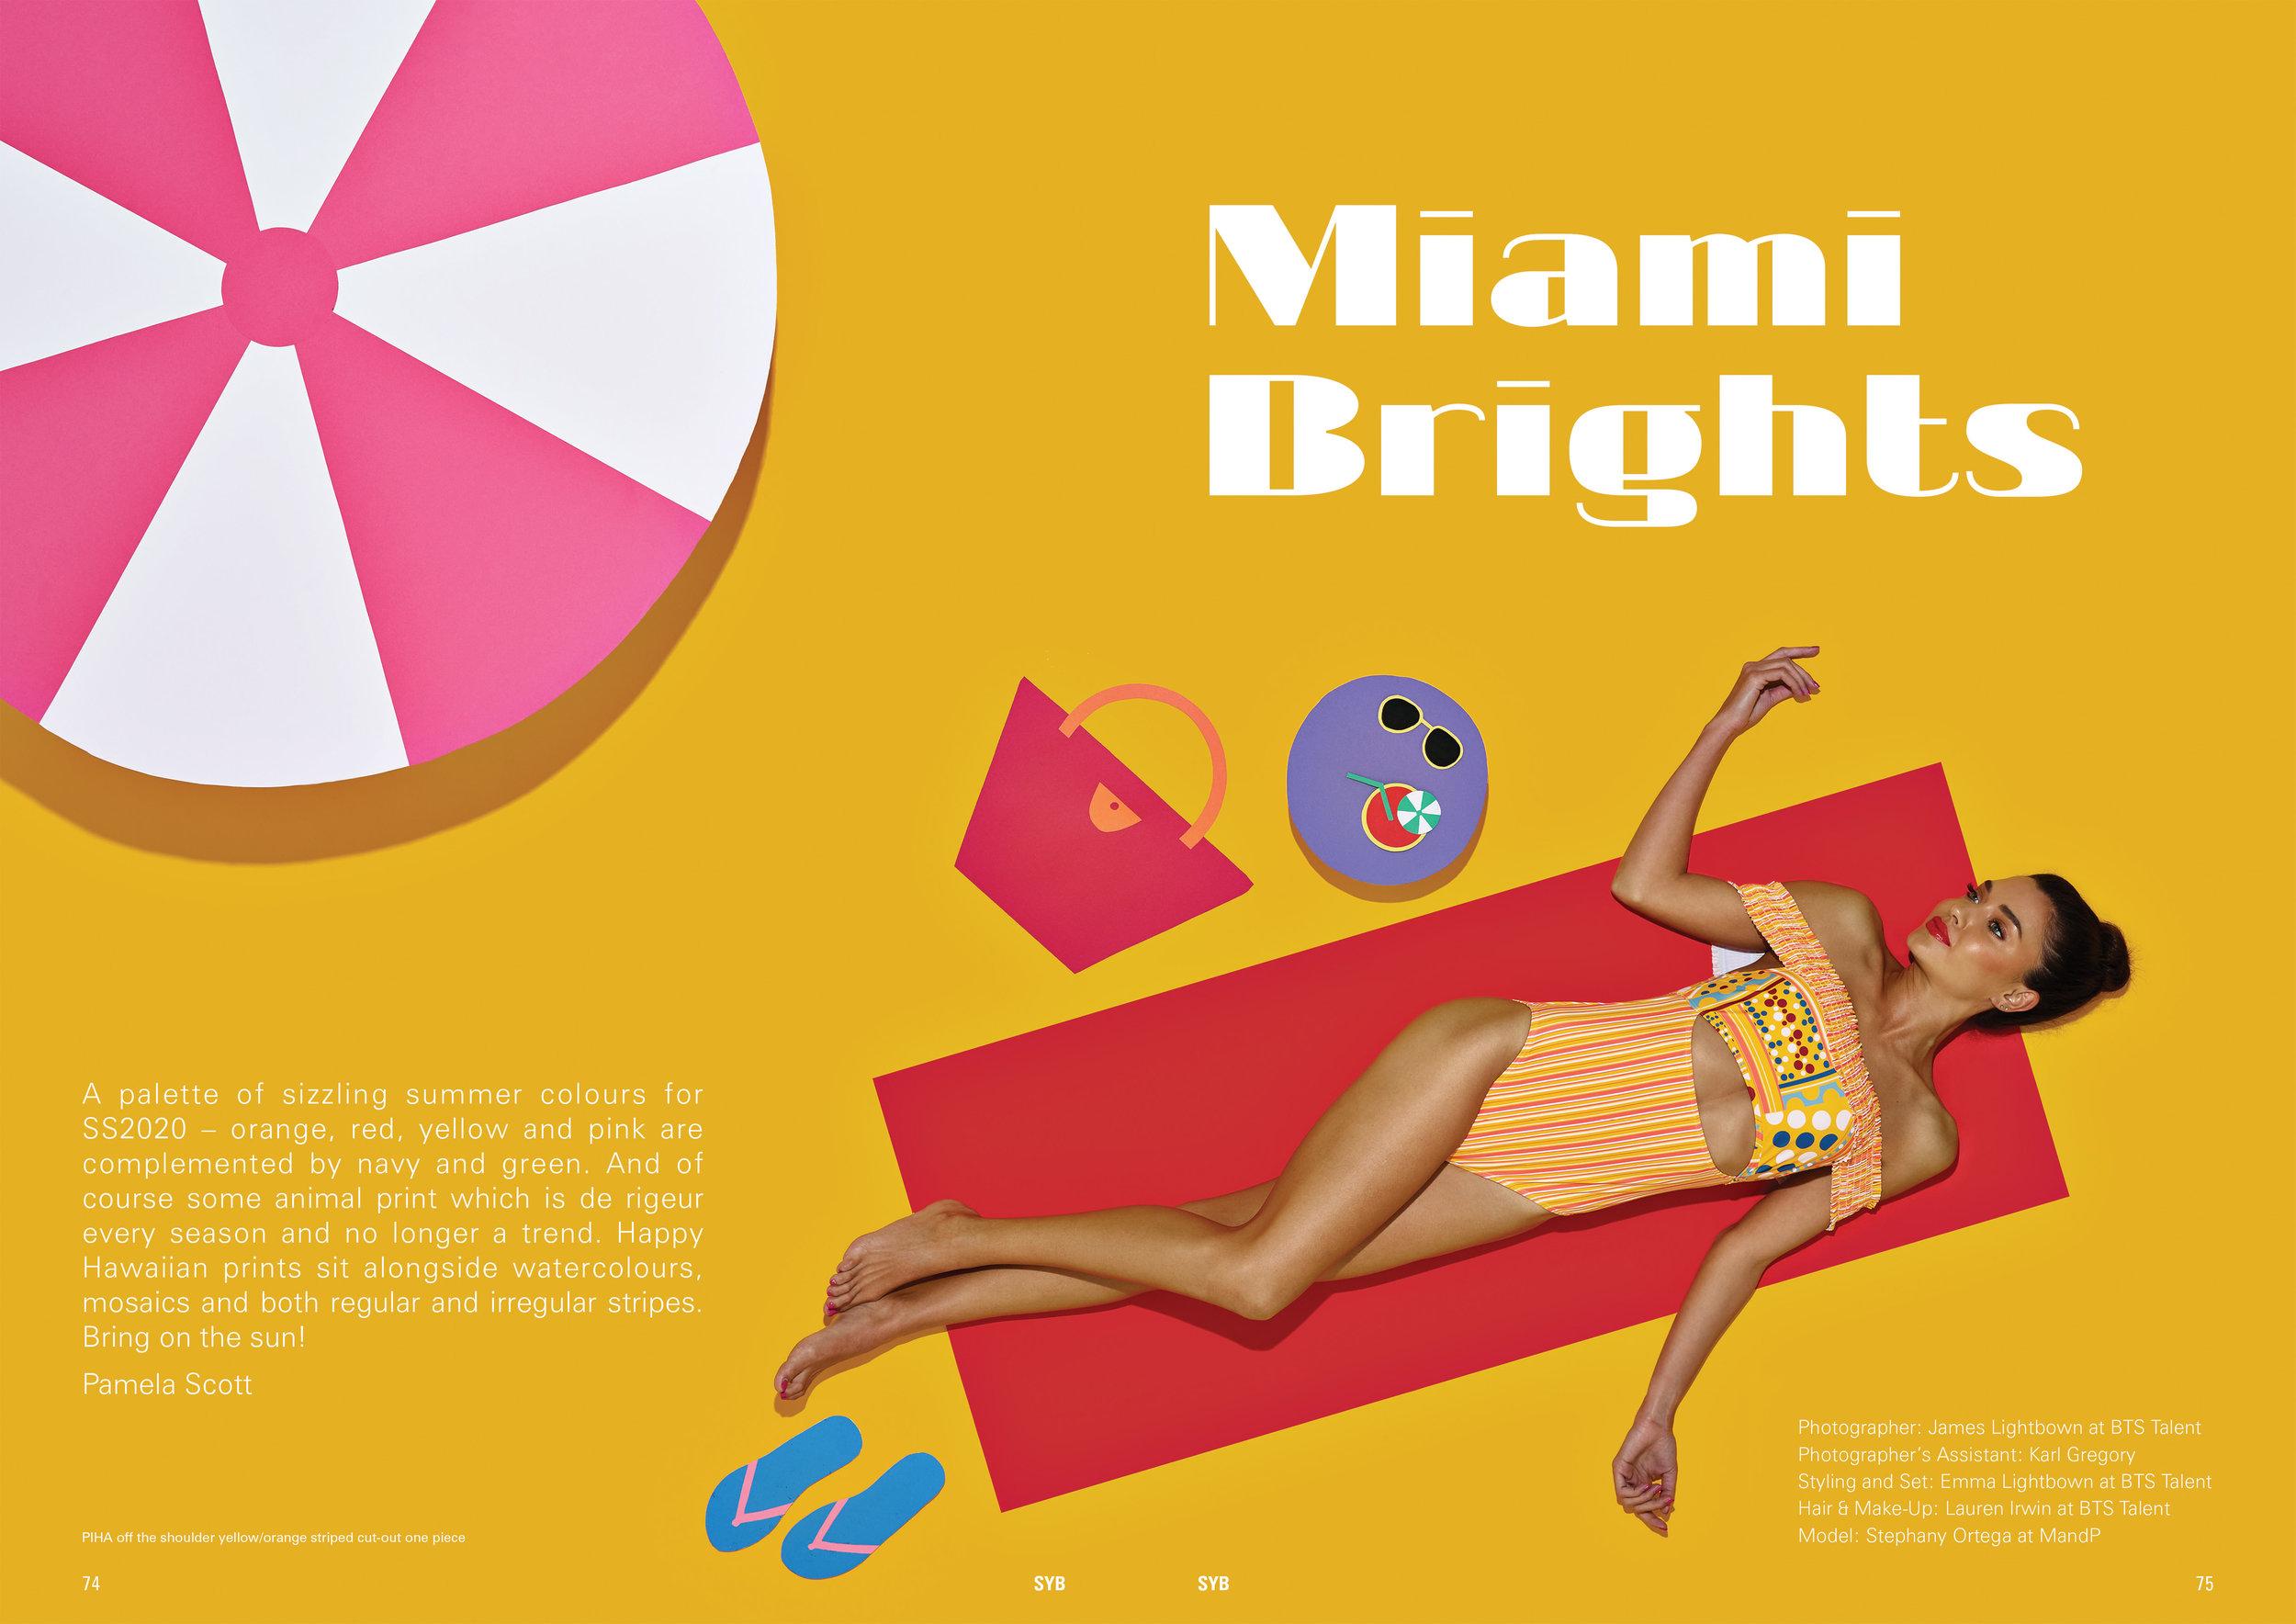 Miami_Brights_p74-84-1.jpg